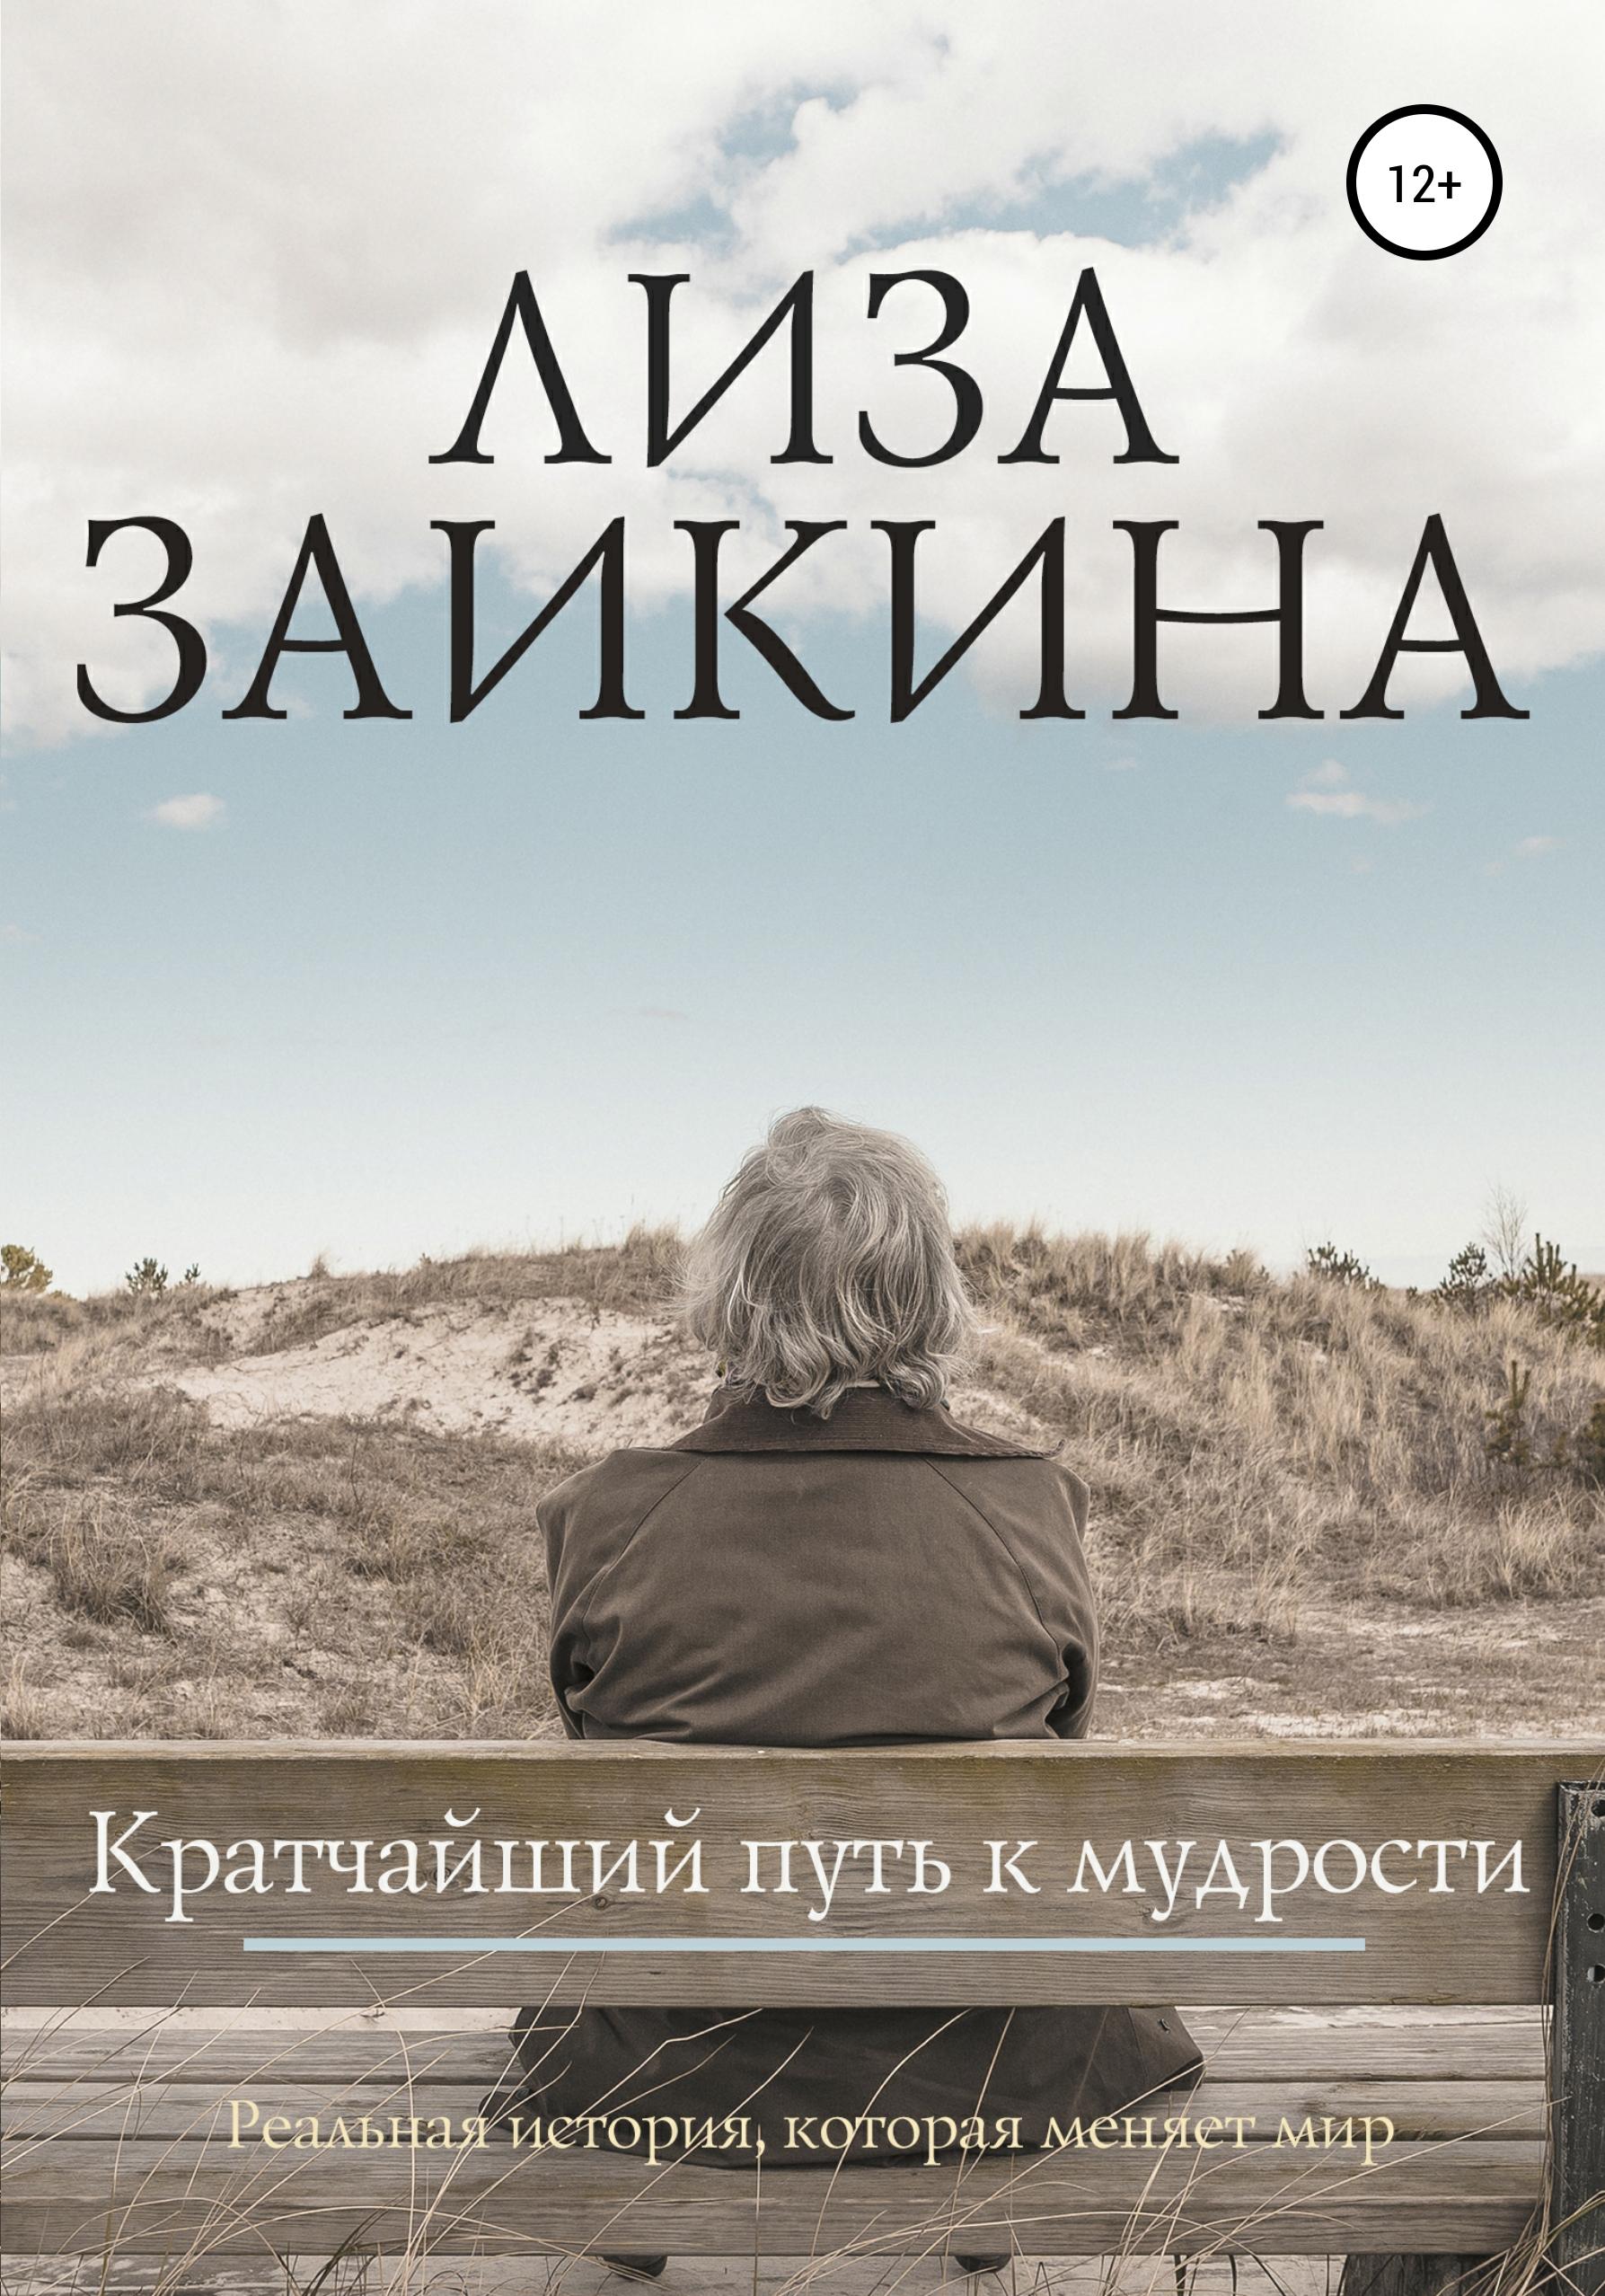 Купить книгу Кратчайший путь к мудрости, автора Лизы Заикиной